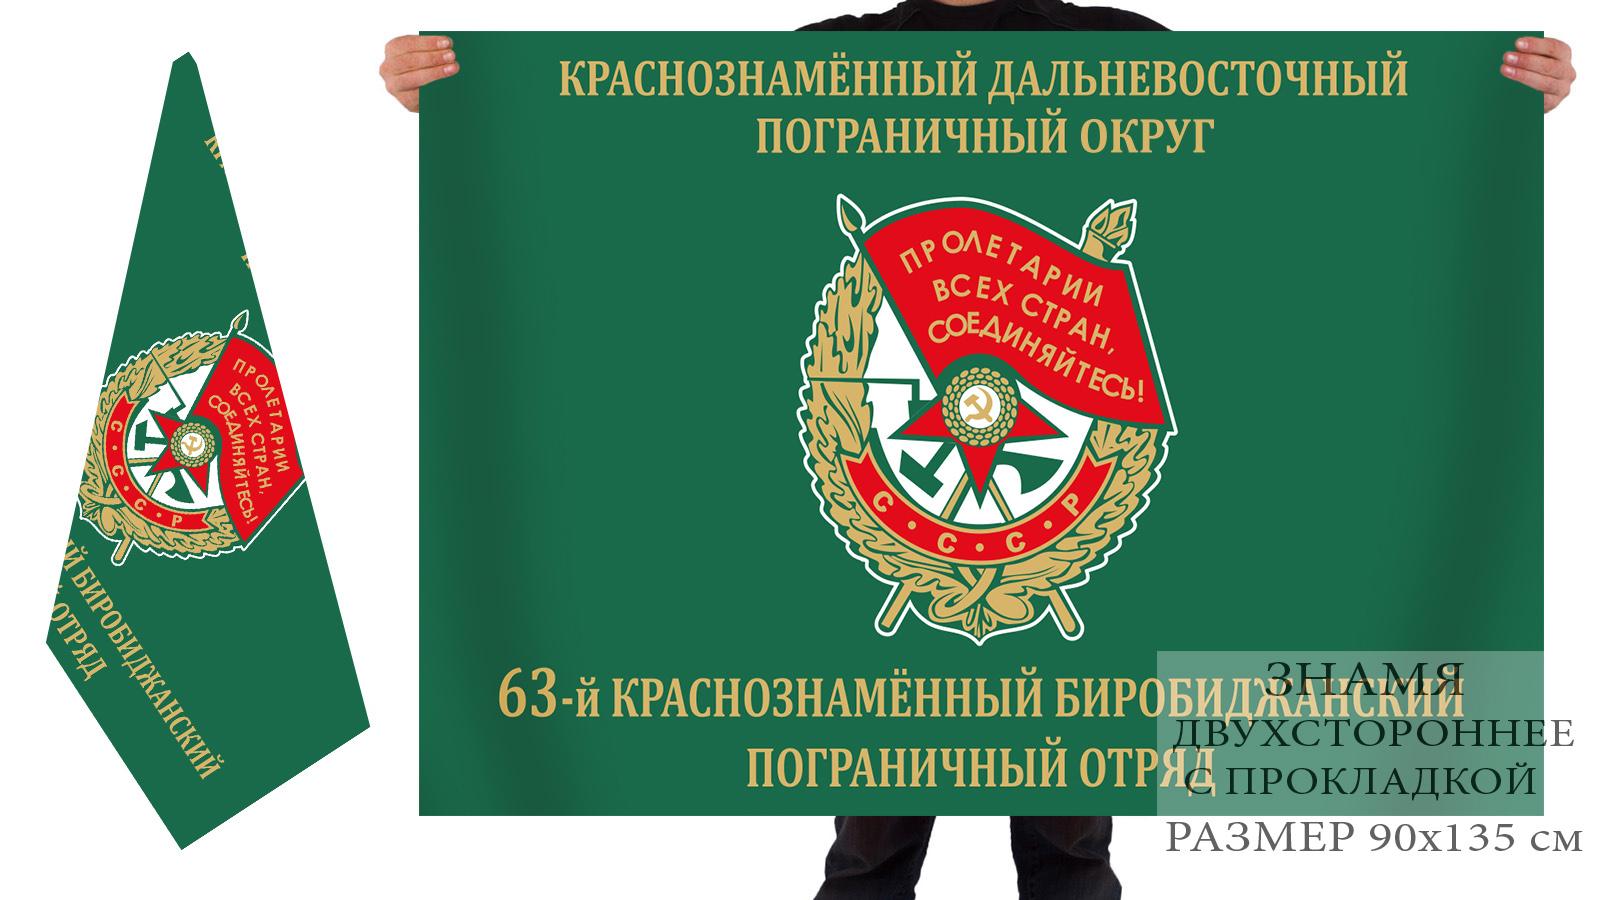 Двусторонний флаг 63 Краснознамённого Биробиджанского пограничного отряда